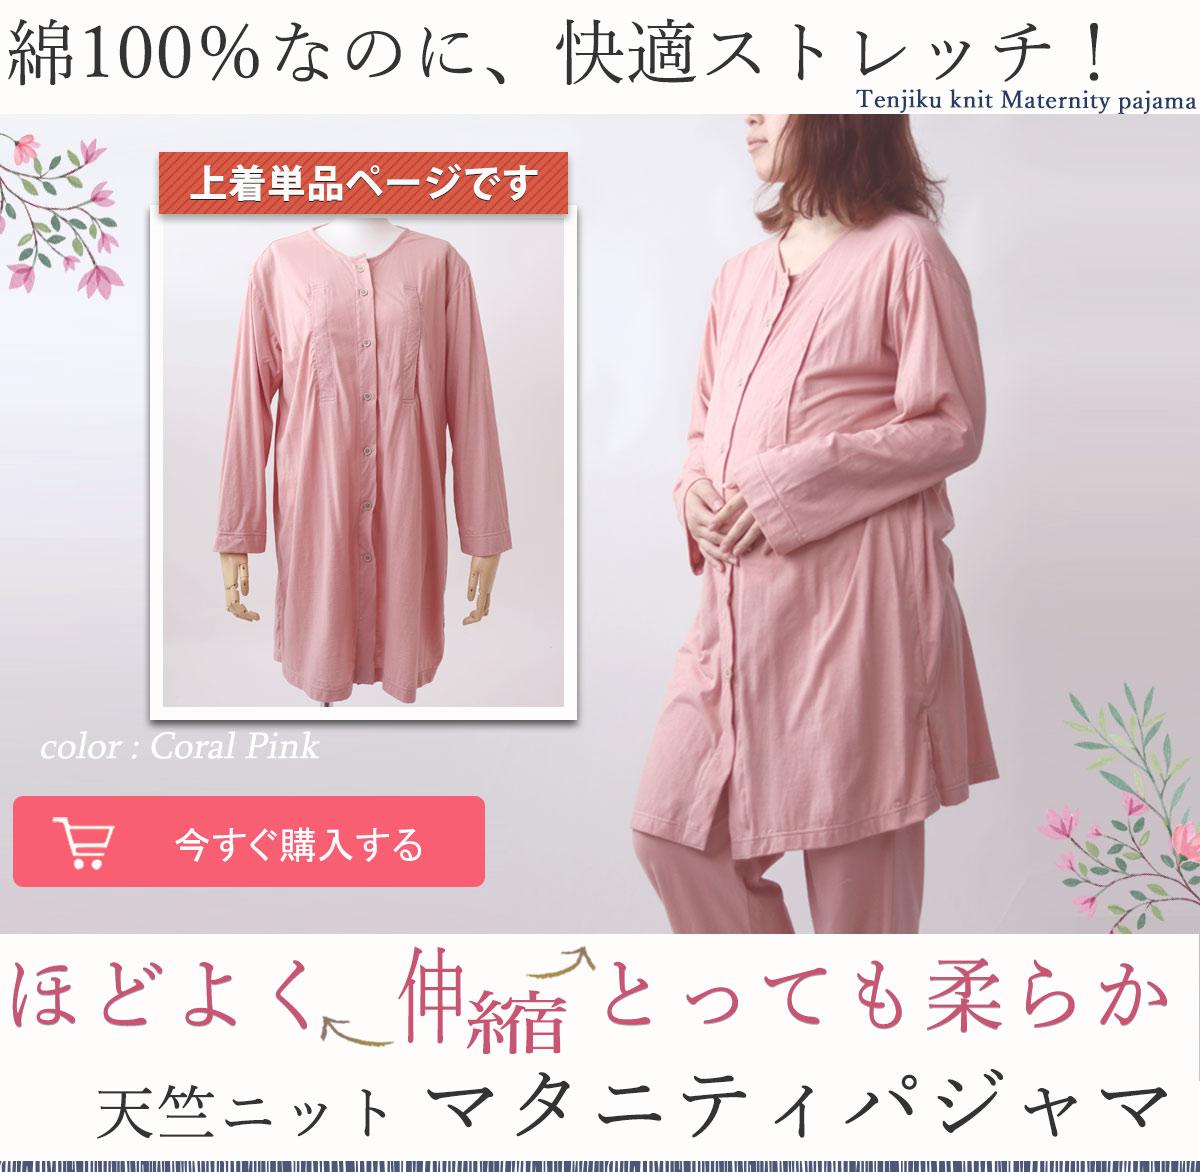 綿100%なのにこんなに伸びて楽々!程よく伸縮、とっても柔らか天竺ニット100%レディースマタニティパジャマ上着のみ